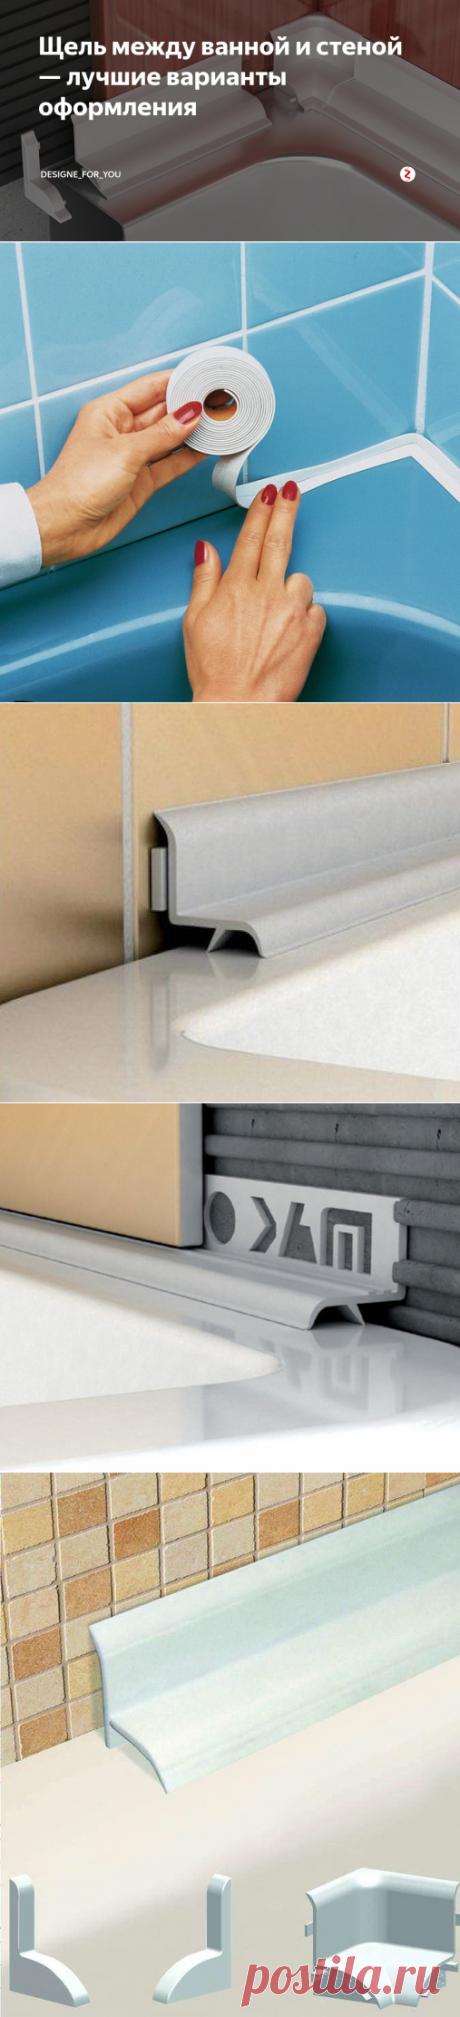 Щель между ванной и стеной — лучшие варианты оформления | Designe_For_You | Яндекс Дзен